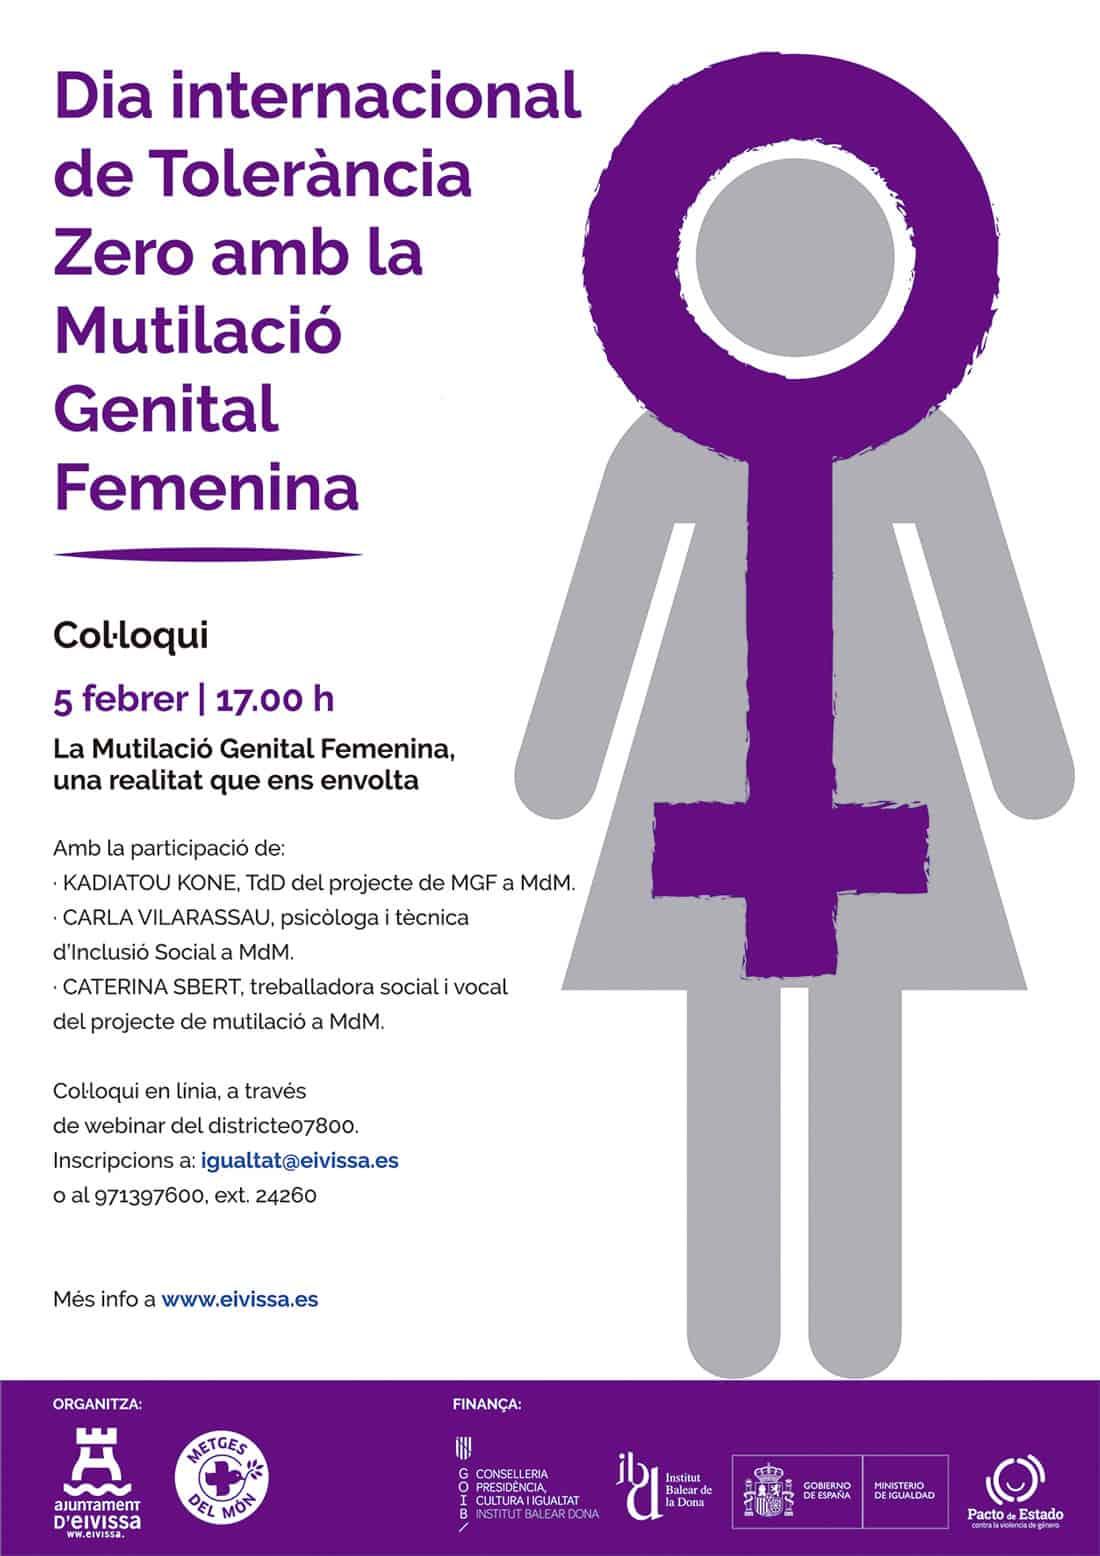 Internationaler Tag gegen weibliche Verstümmelung ibiza-2021-welcometoibiza